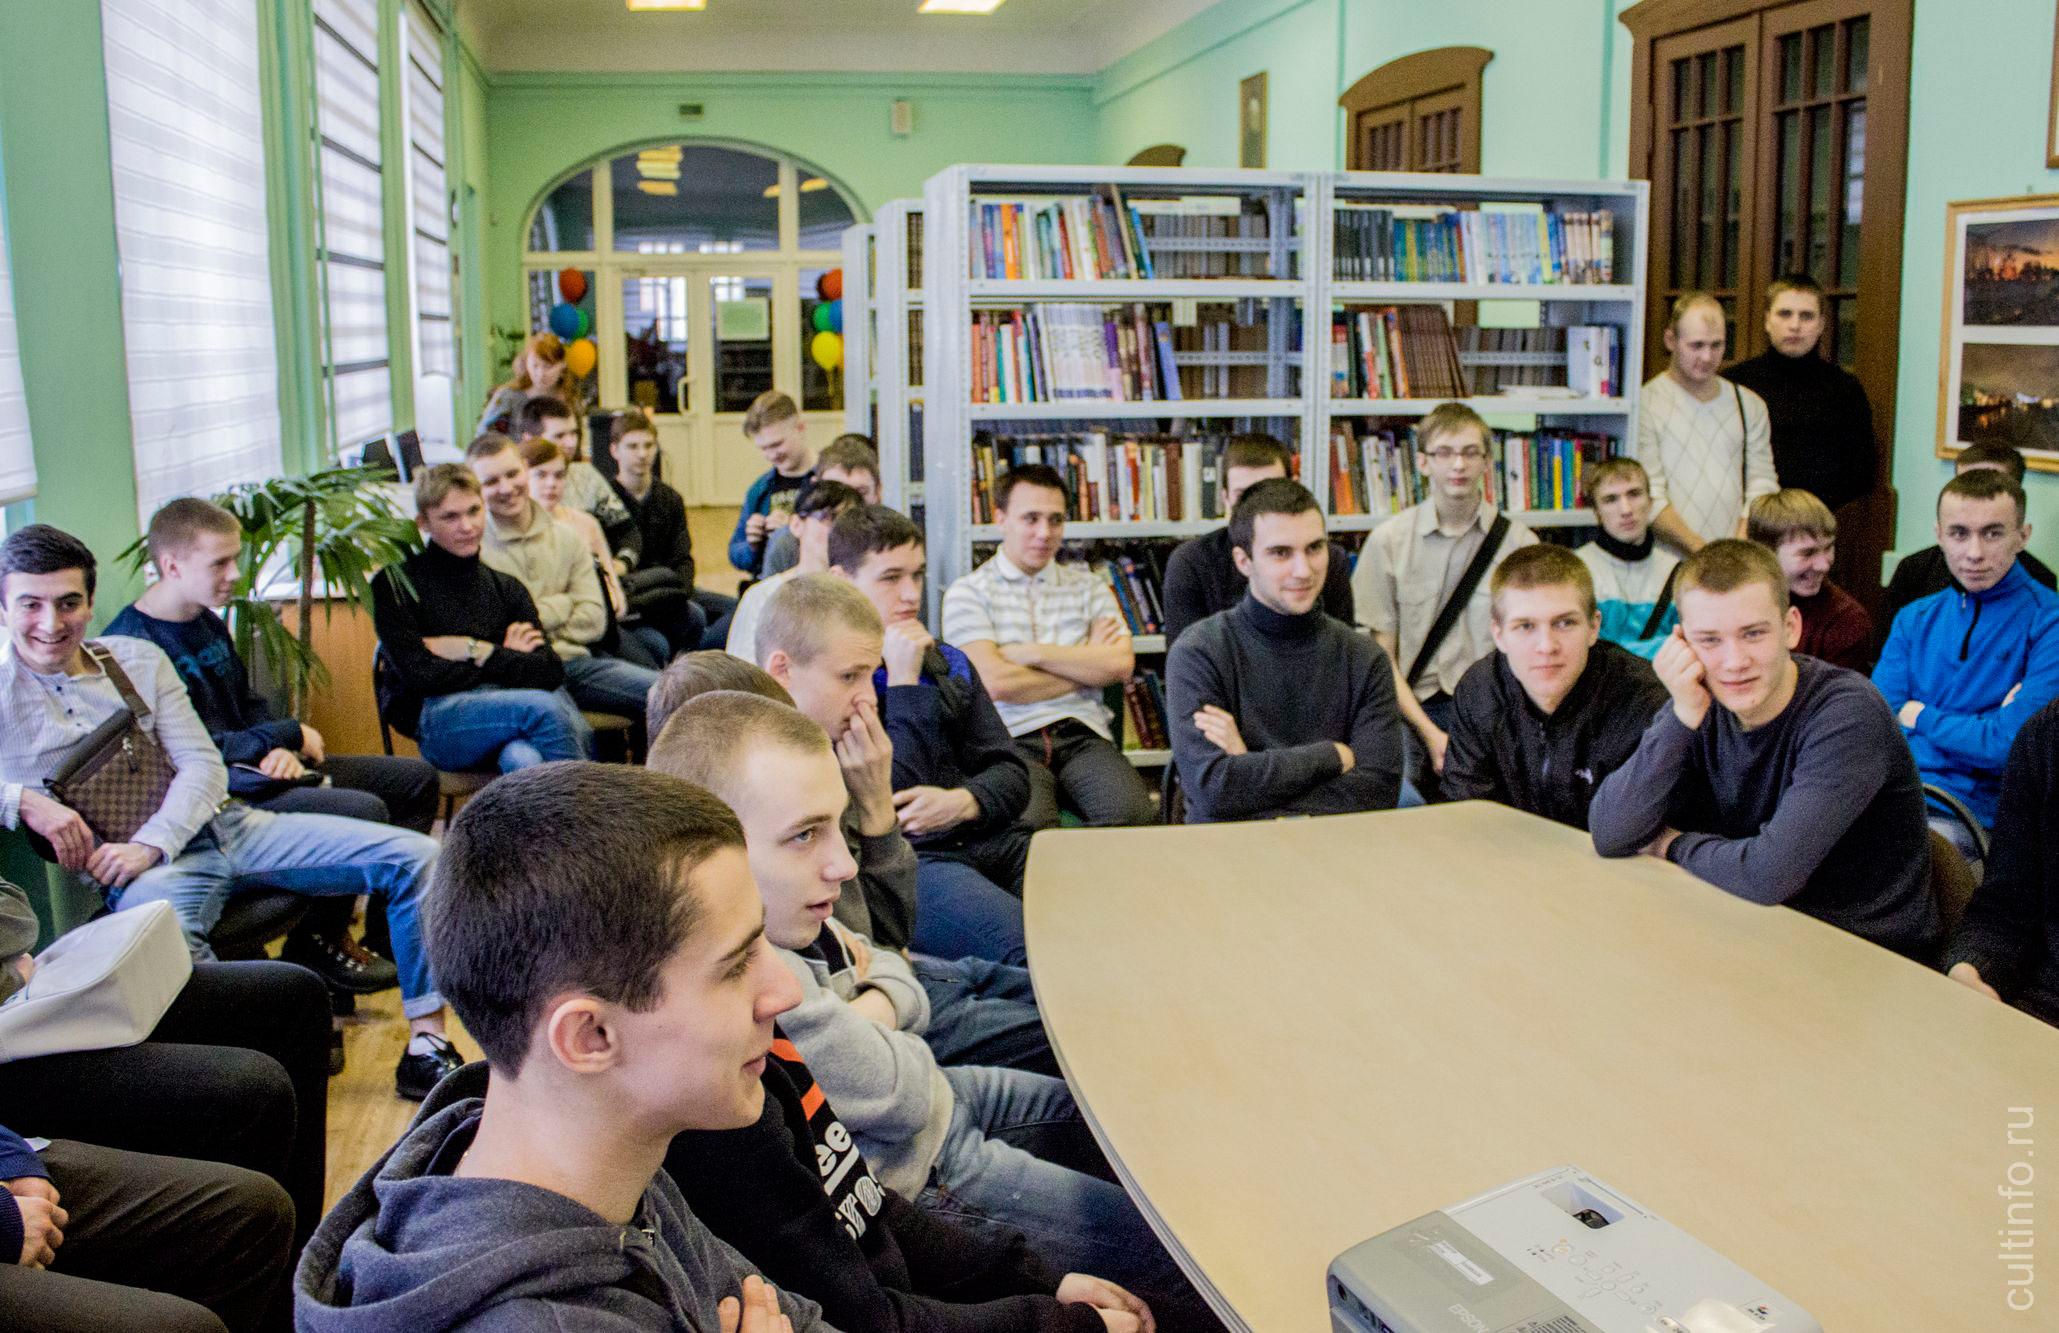 Вологодских школьников приглашают принять участие в интеллектуальной игре «Подросток и закон»